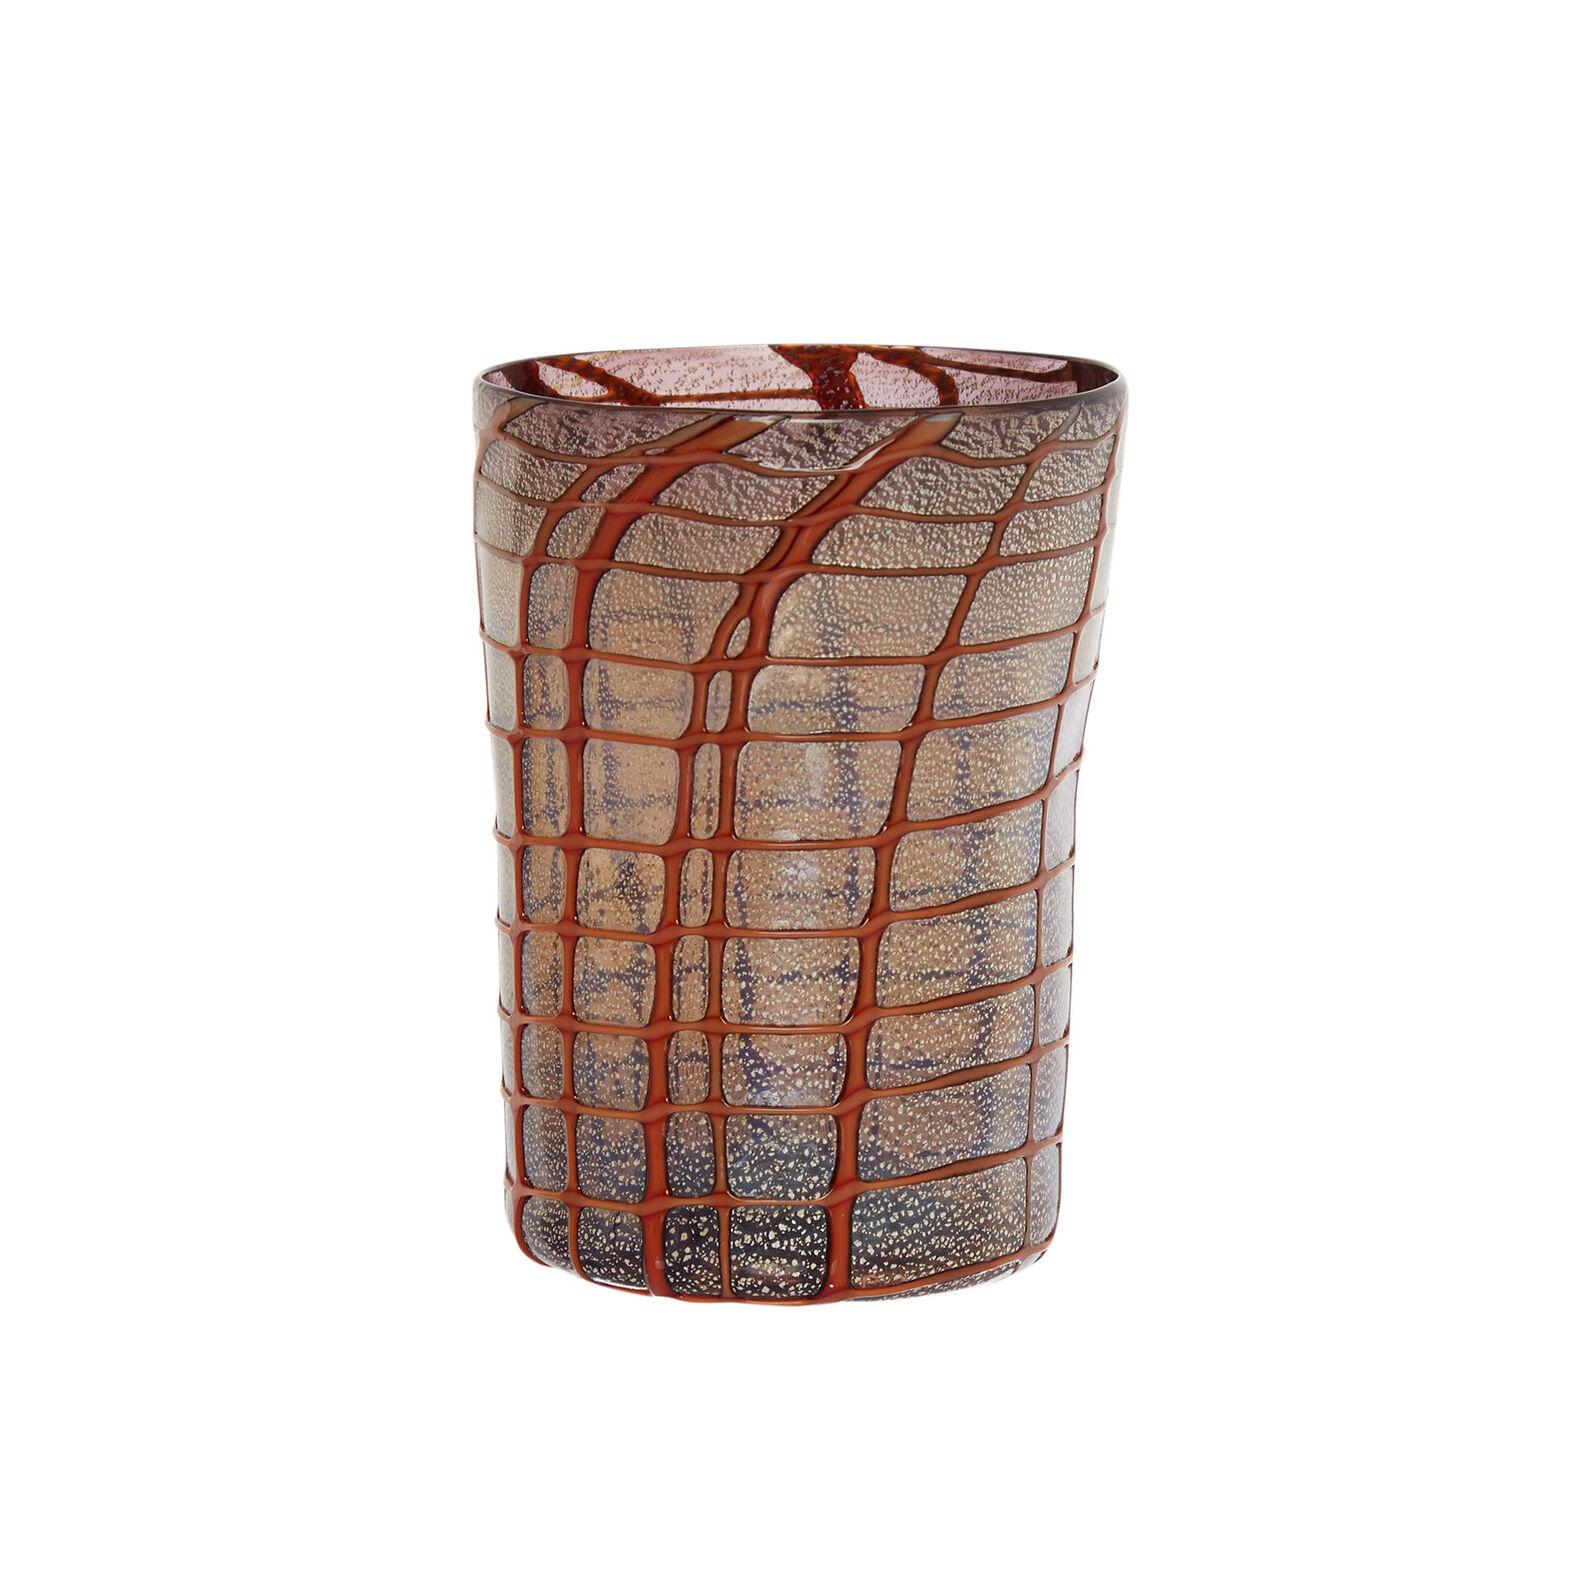 Murano glass glass mesh decoration